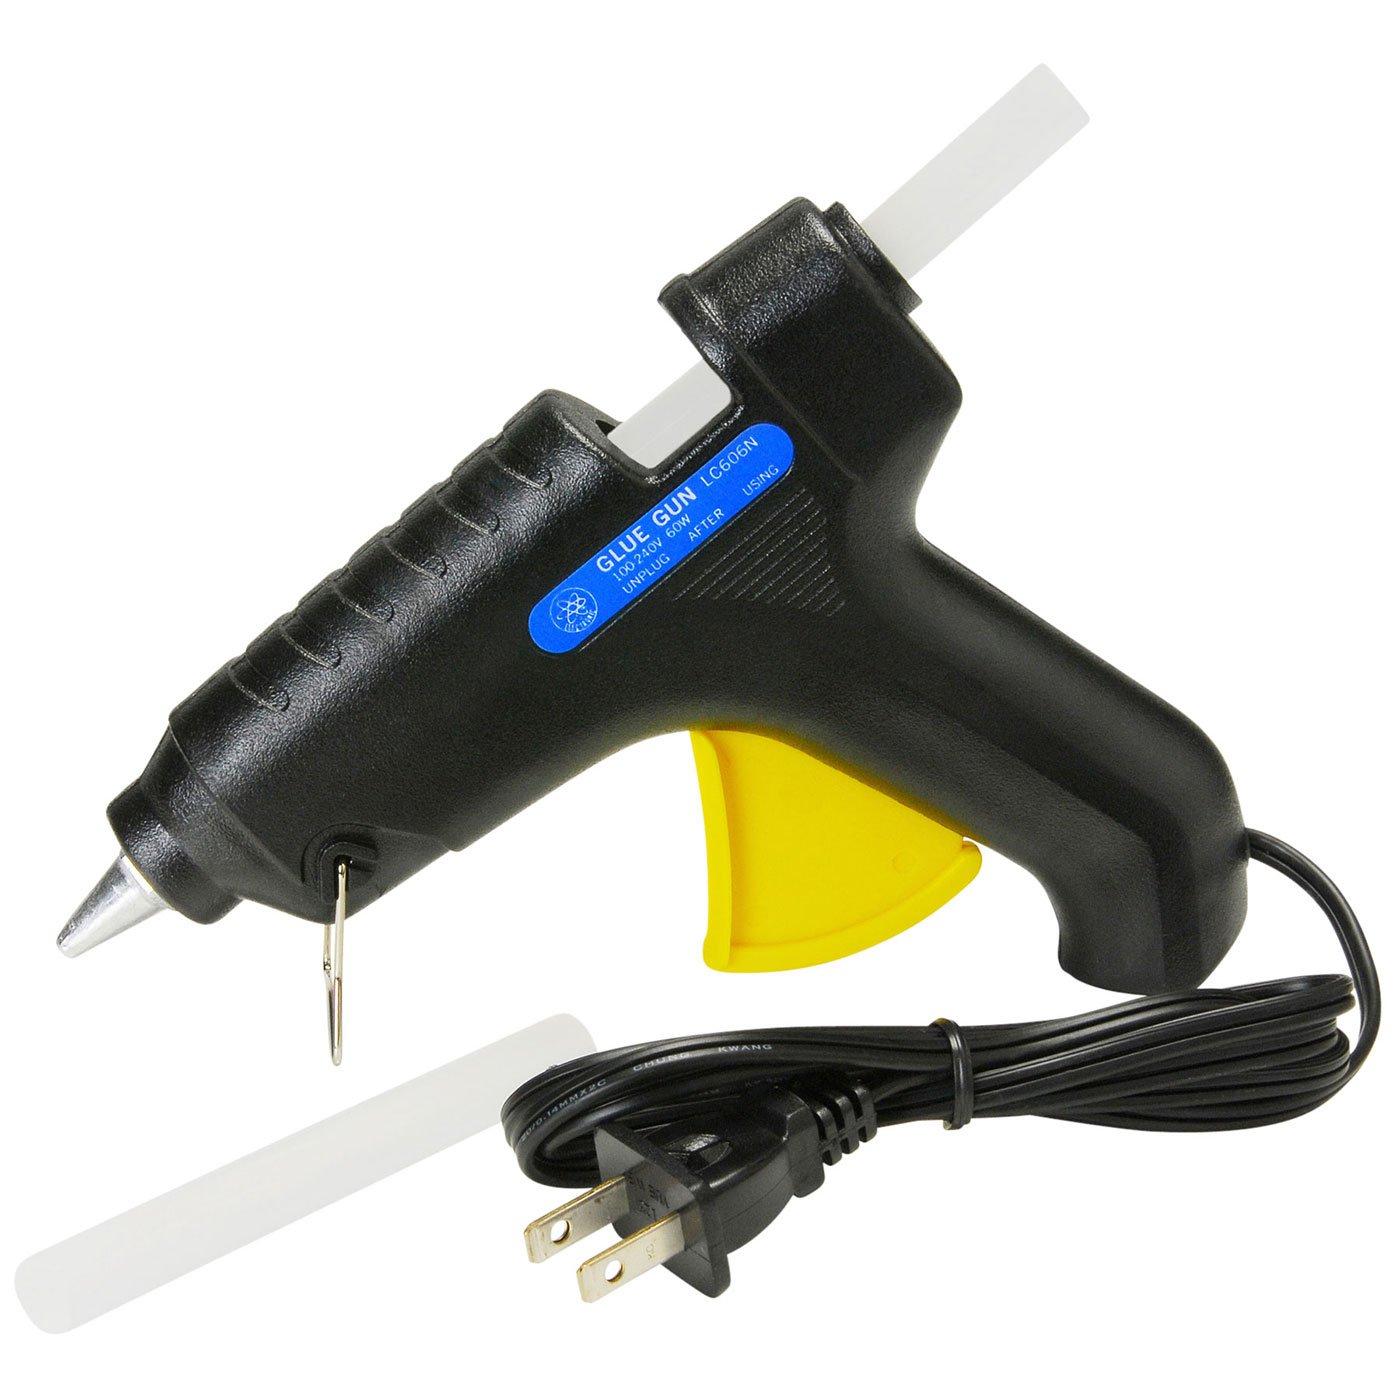 Amazoncom Hot Melt Trigger Glue Gun Free 2 Glue Sticks With Every